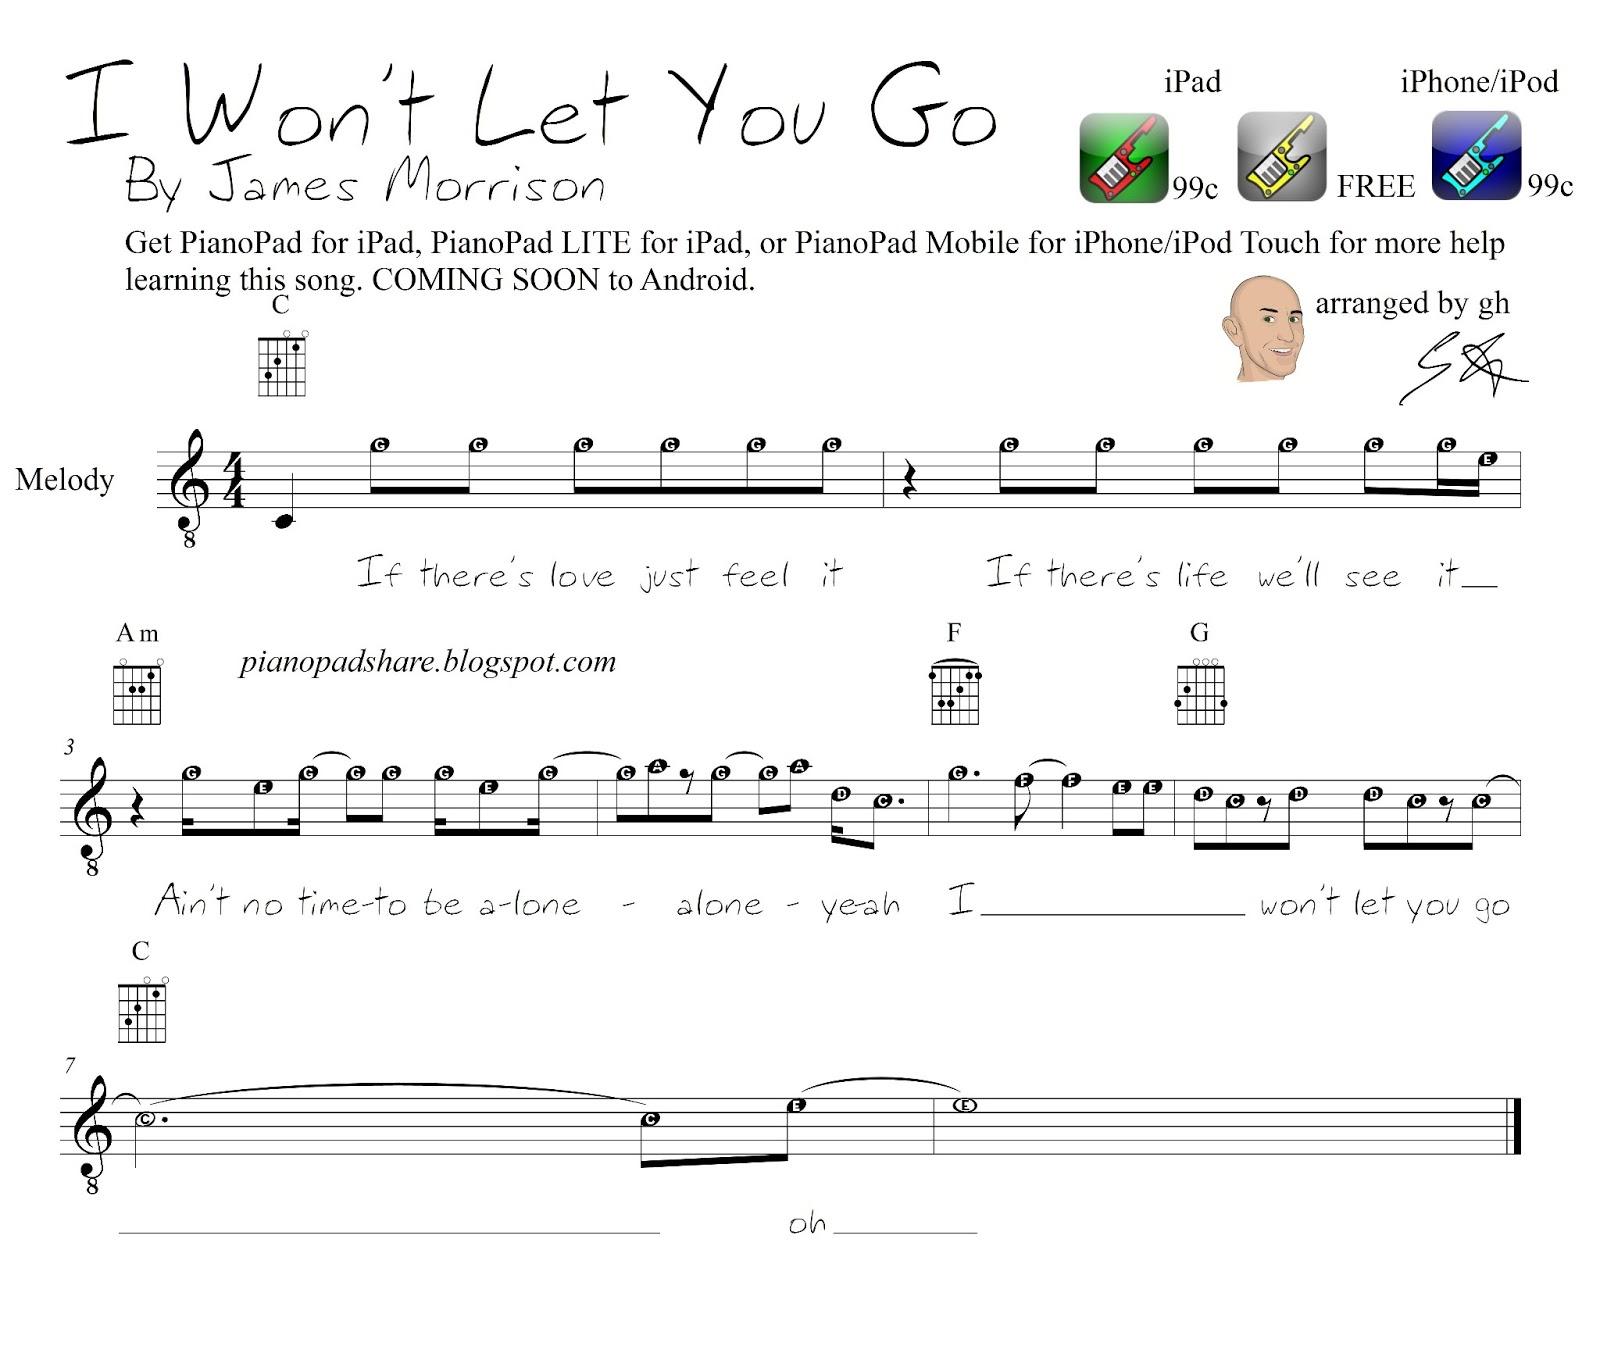 let me go wild lyrics: